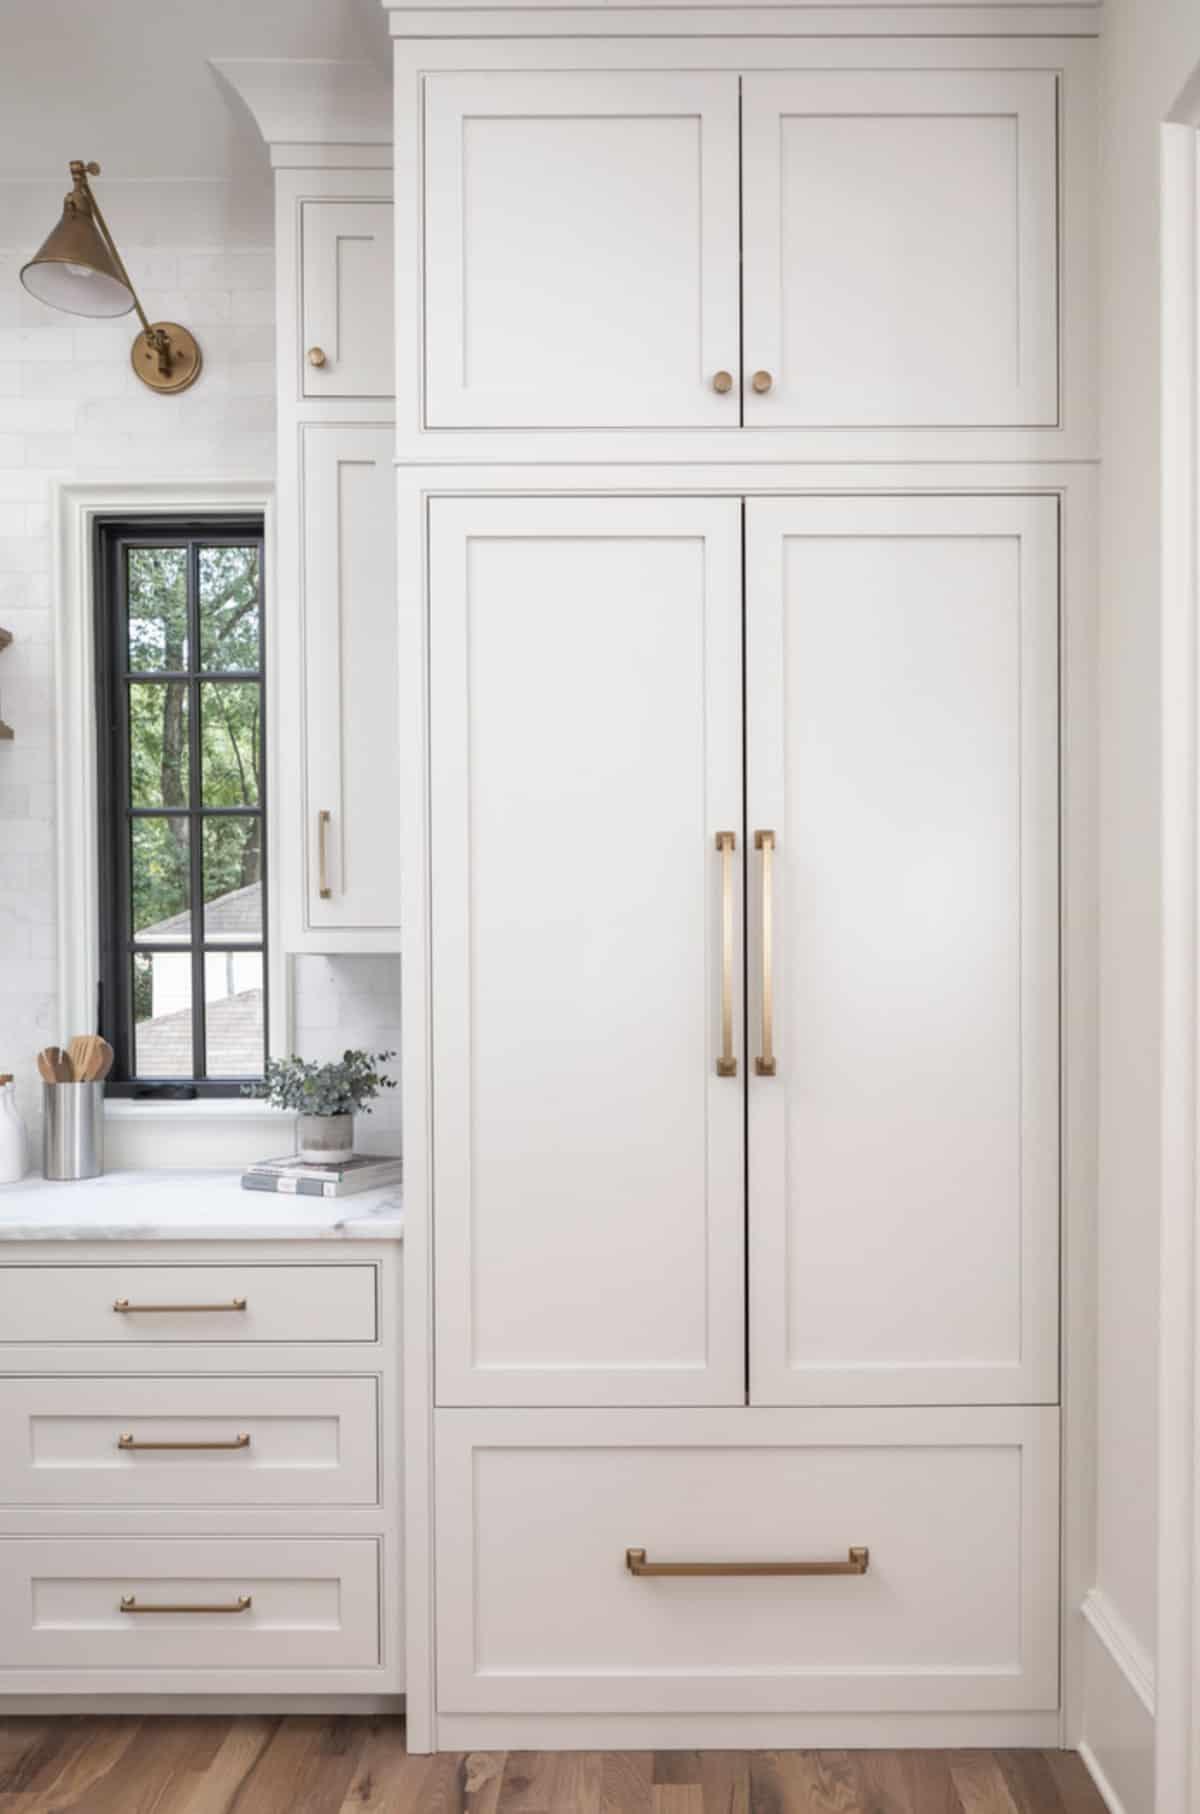 transitional-kitchen-fridge-wall-panel